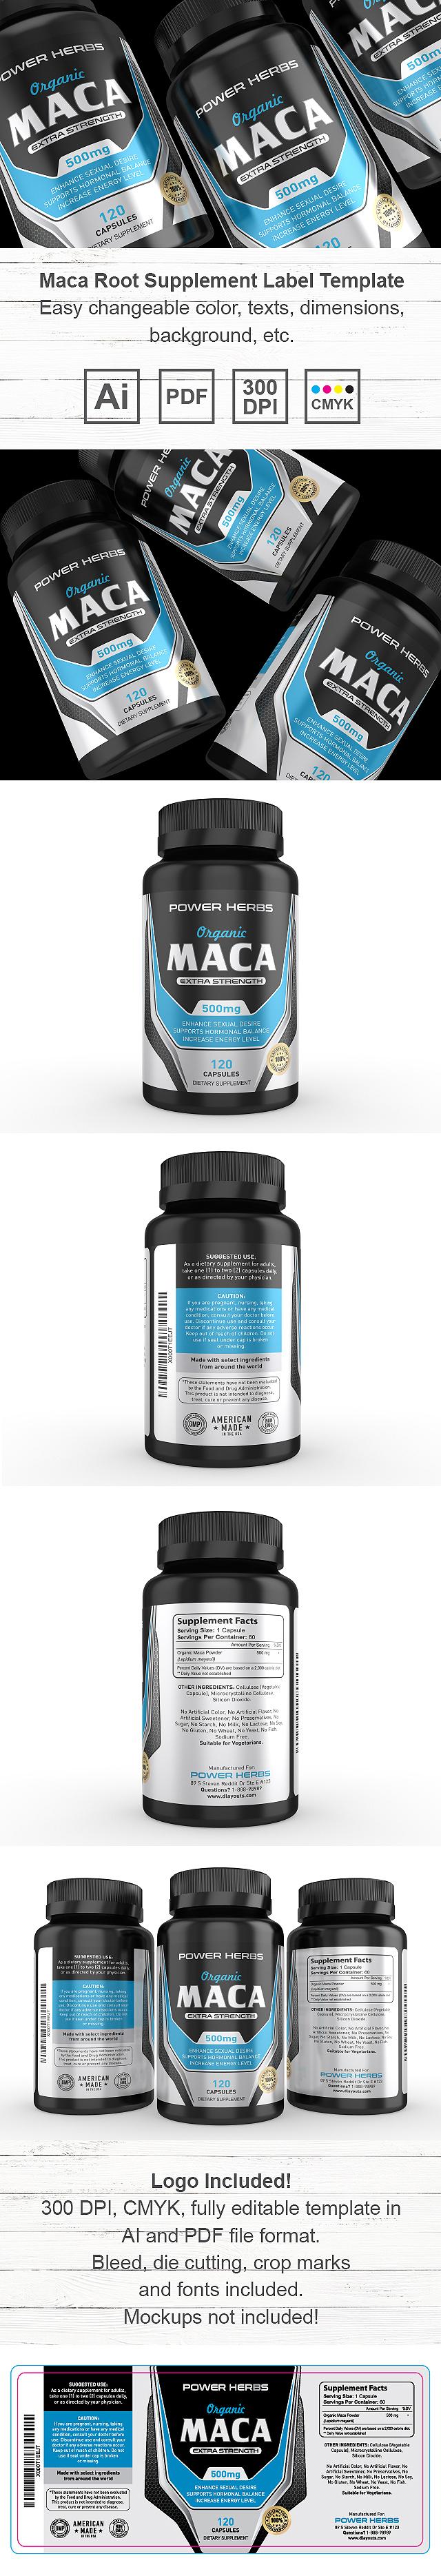 Maca Root Supplement Label Template